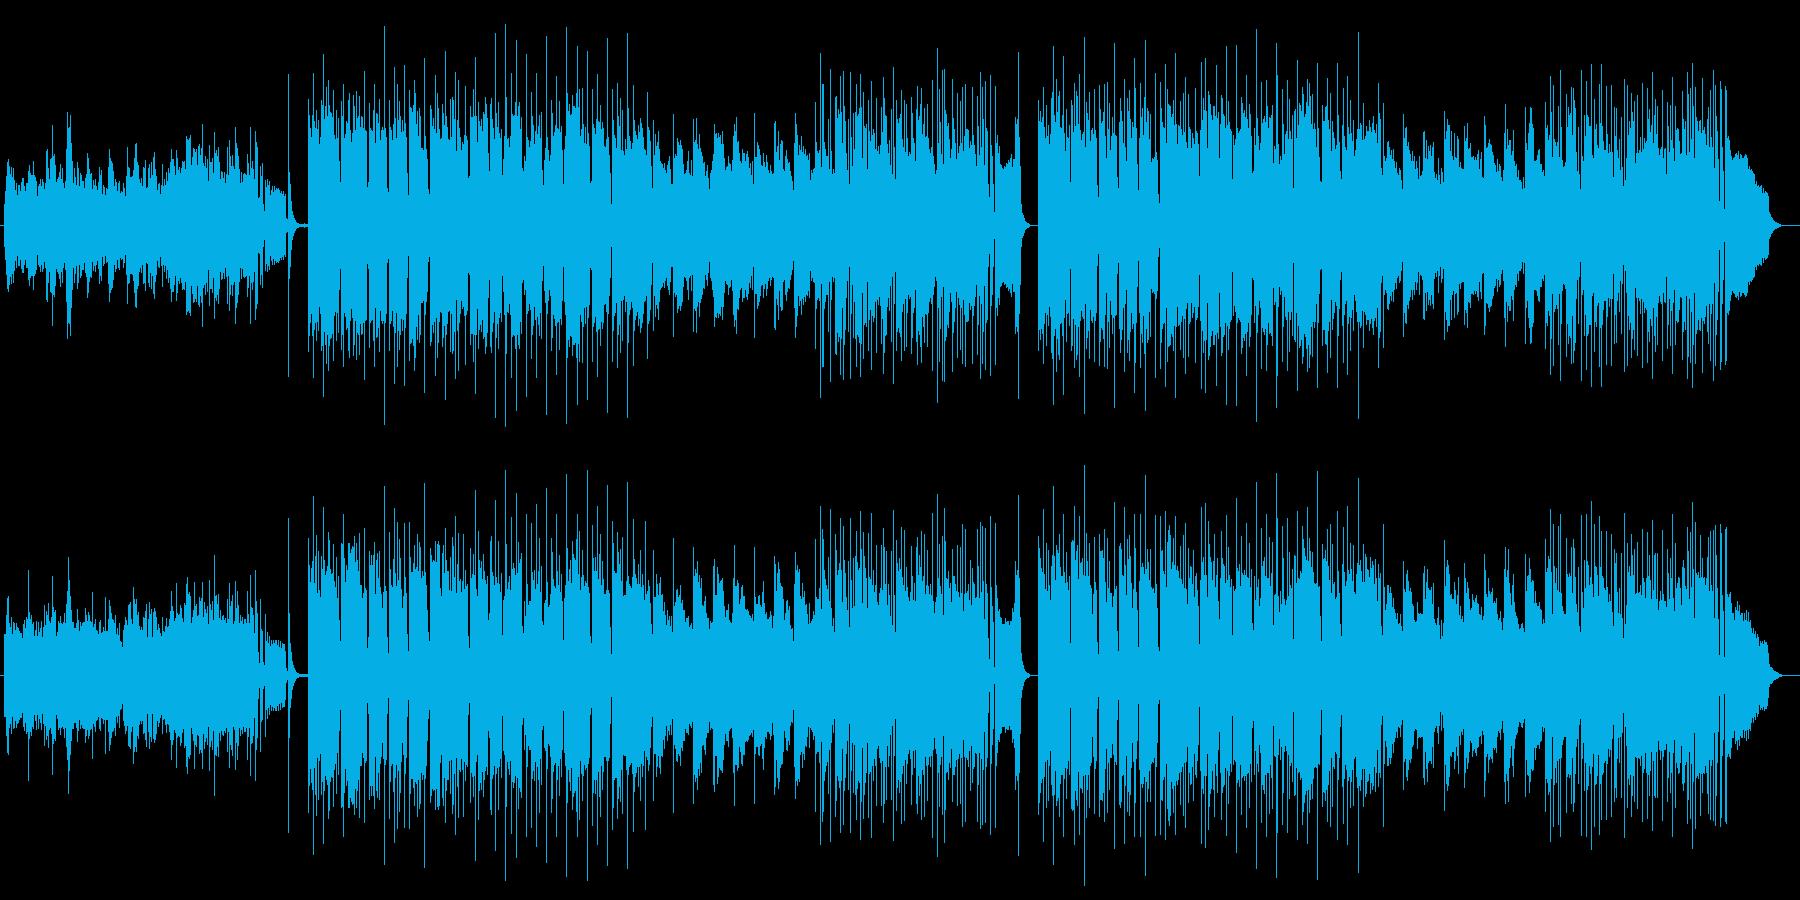 和風ノスタルジーな弦楽器シンセサウンドの再生済みの波形